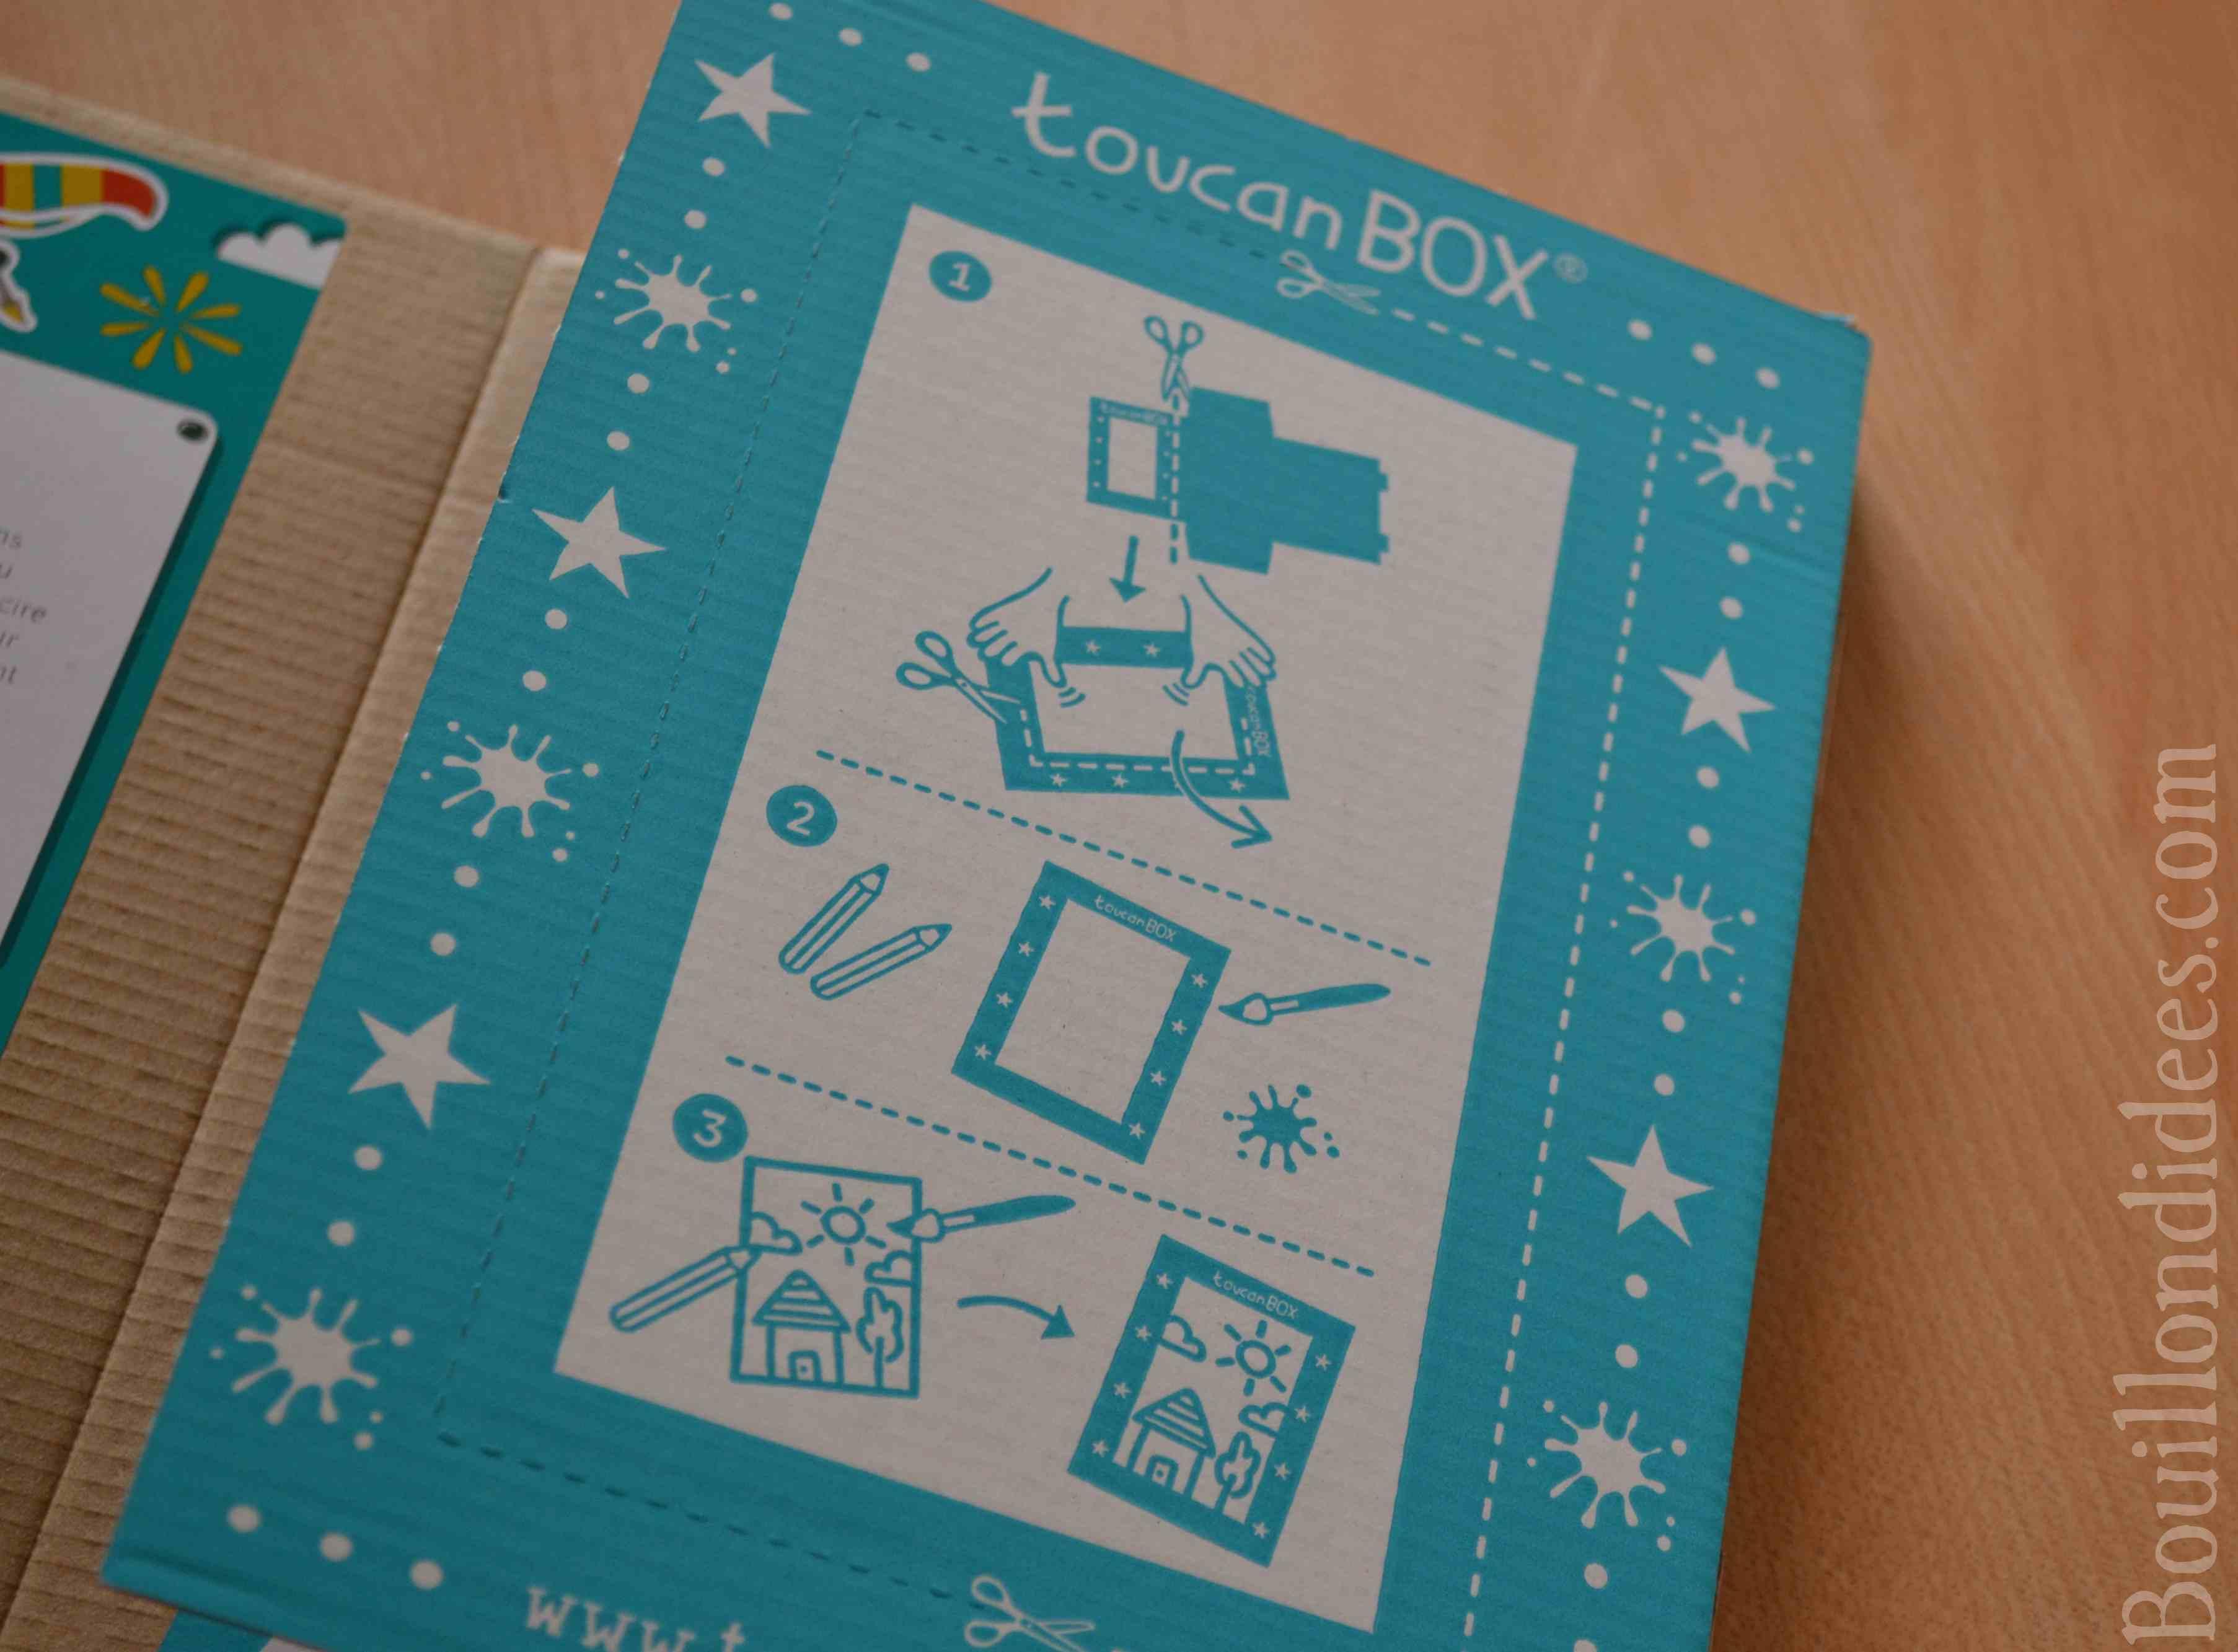 Toucanbox La Box Créative Que Vos Enfants Vont Adorer Et Vous Aussi